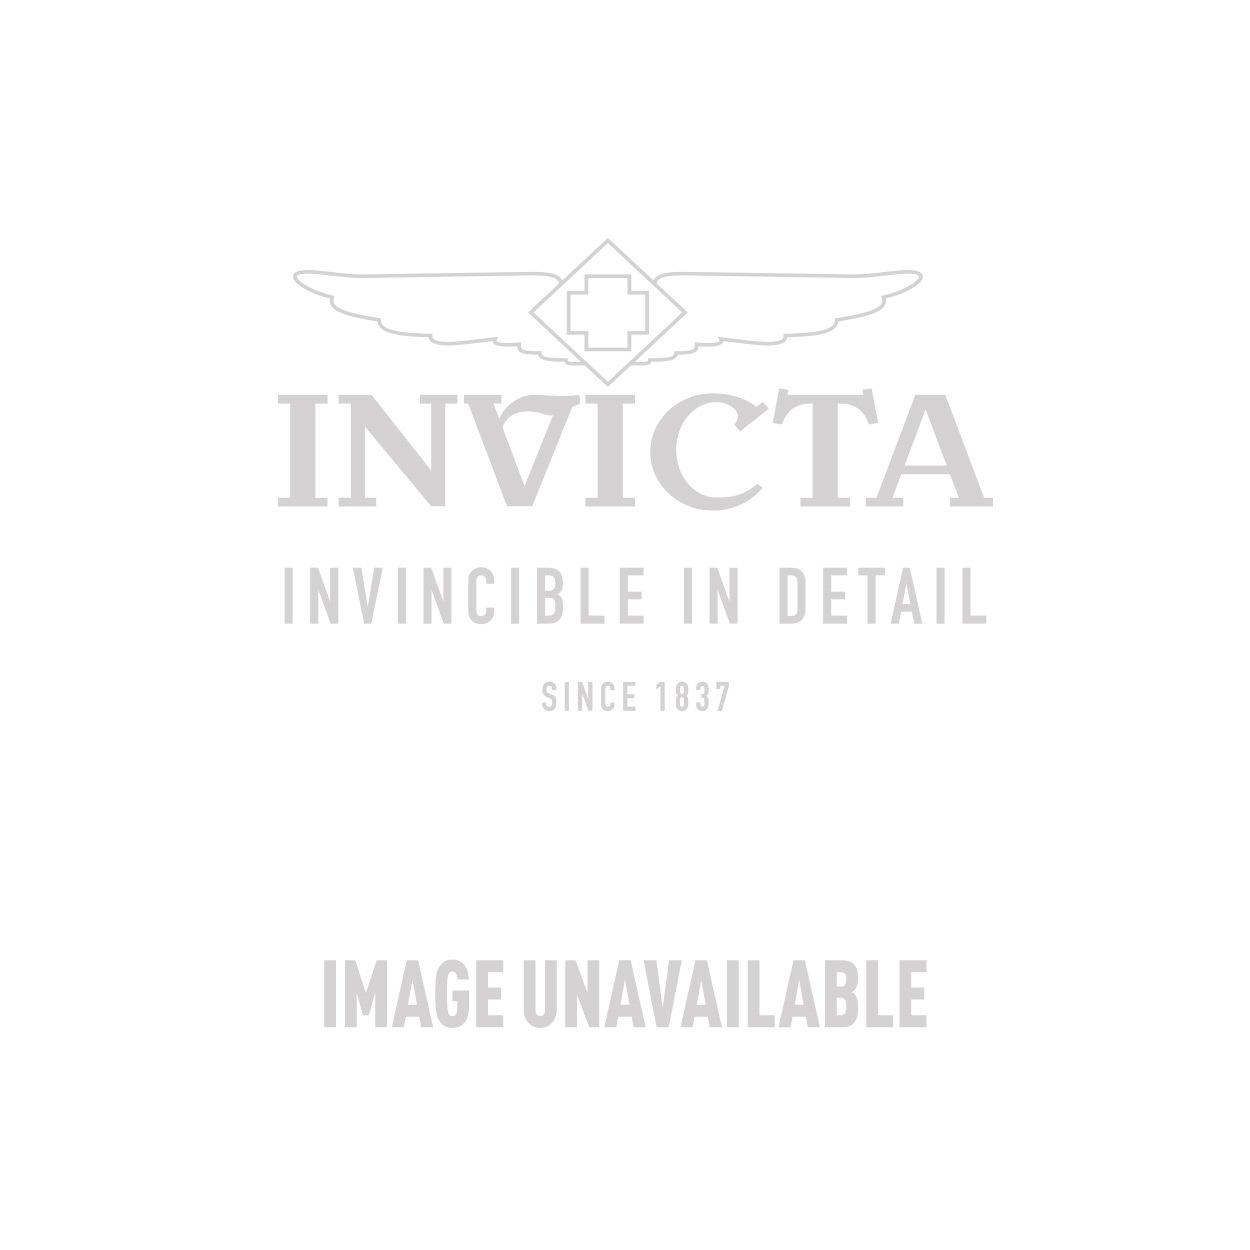 Invicta Model 28631